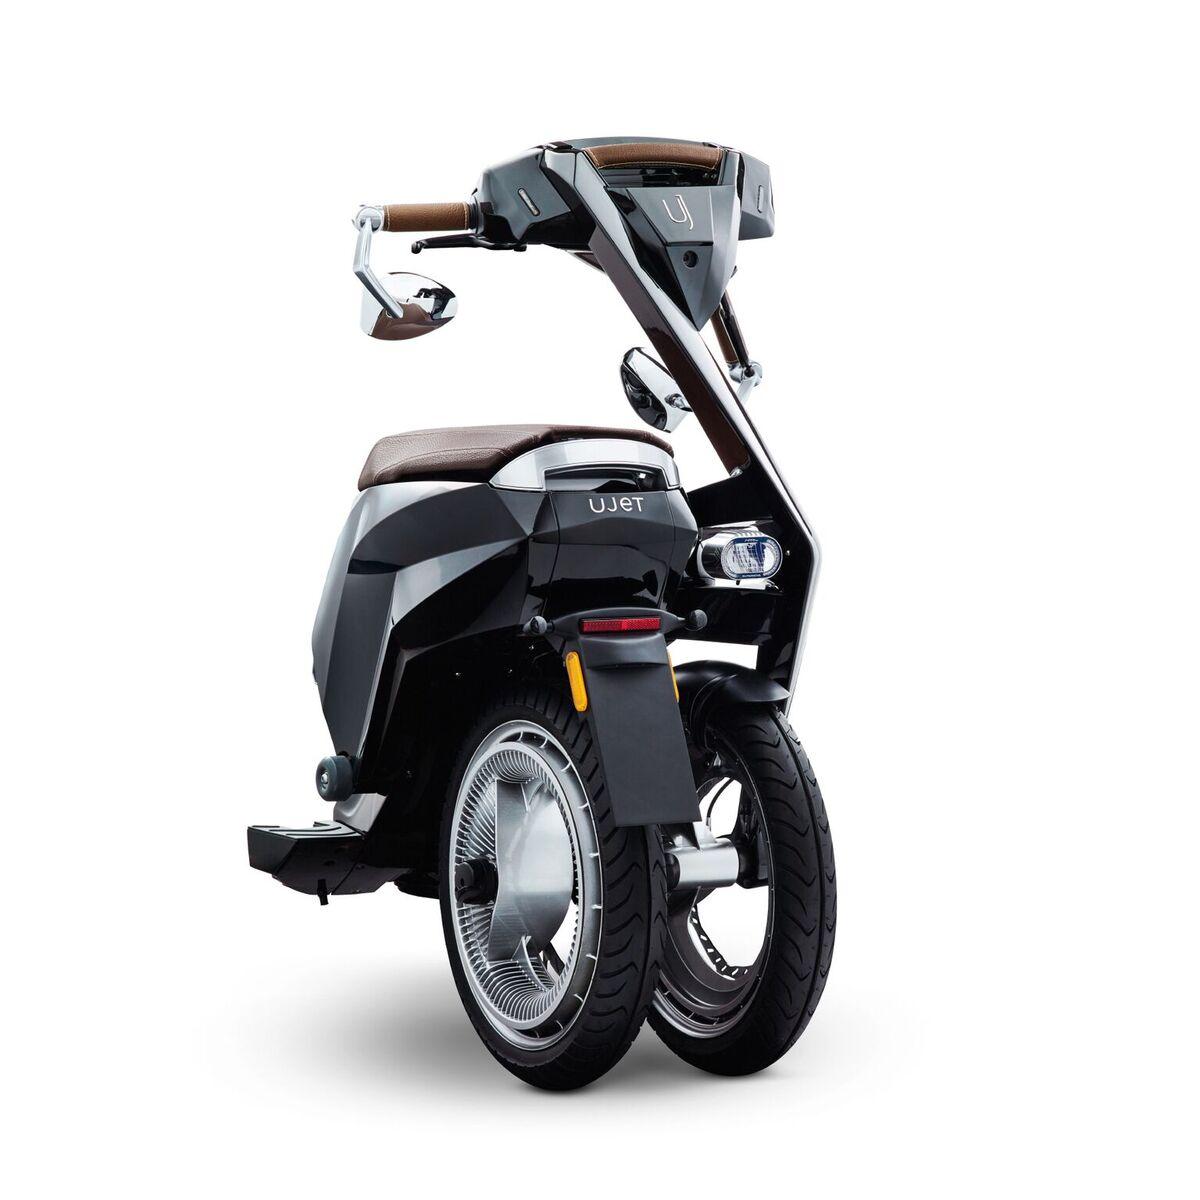 ujet ce scooter lectrique pliable et connect tient dans un coffre de voiture frandroid. Black Bedroom Furniture Sets. Home Design Ideas